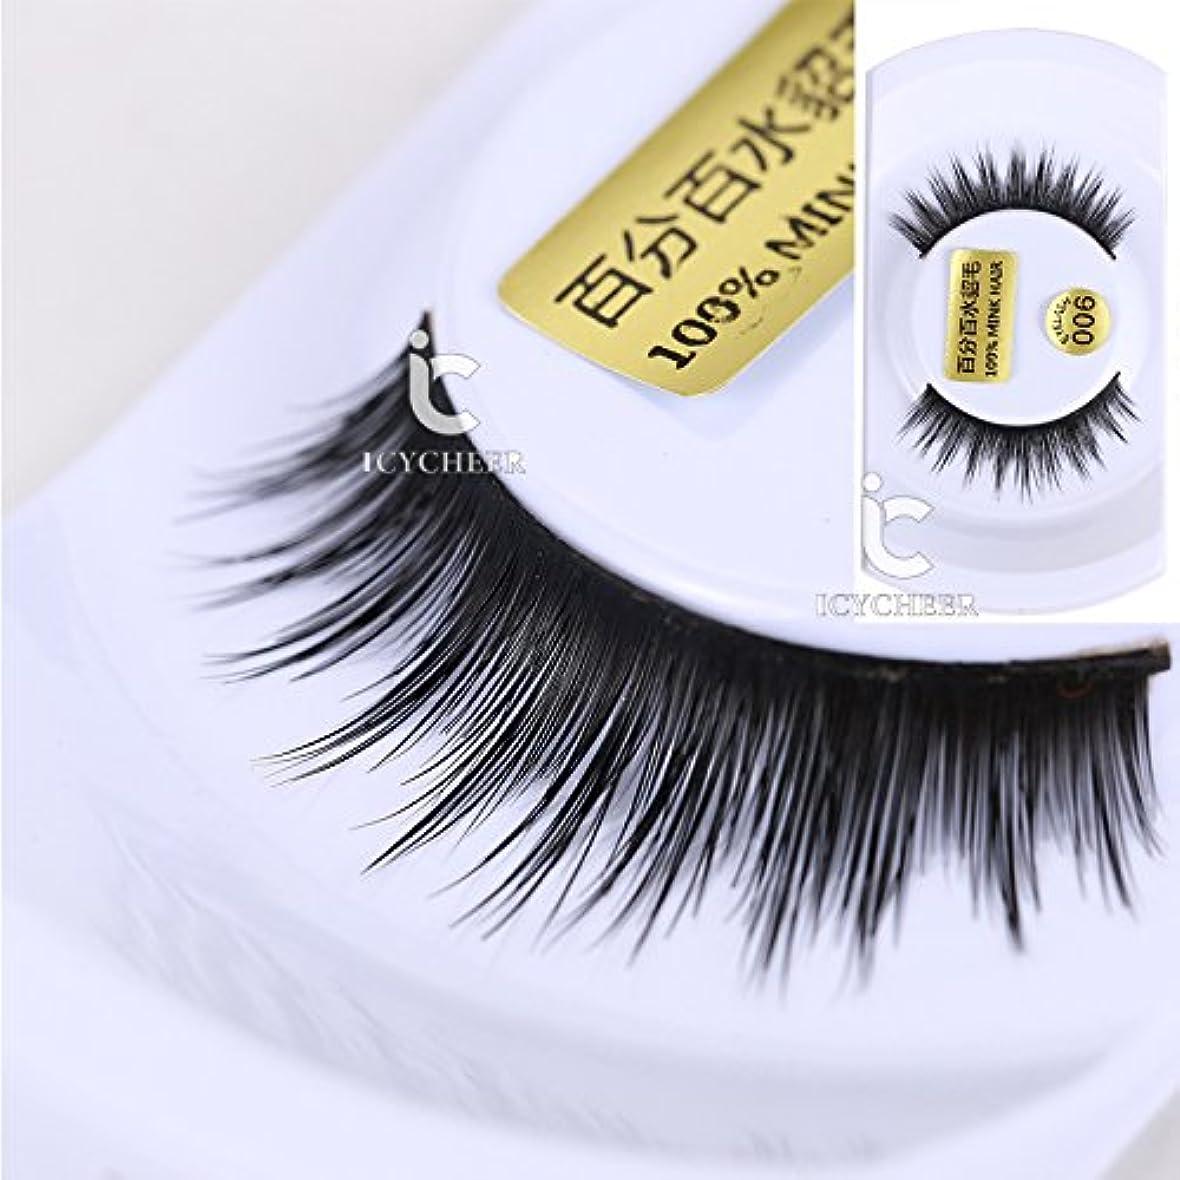 成熟したディンカルビルルアーICYCHEER 新しい100% ミンク毛自然柔らかい黒太いロング偽アイまつげ偽まつげ